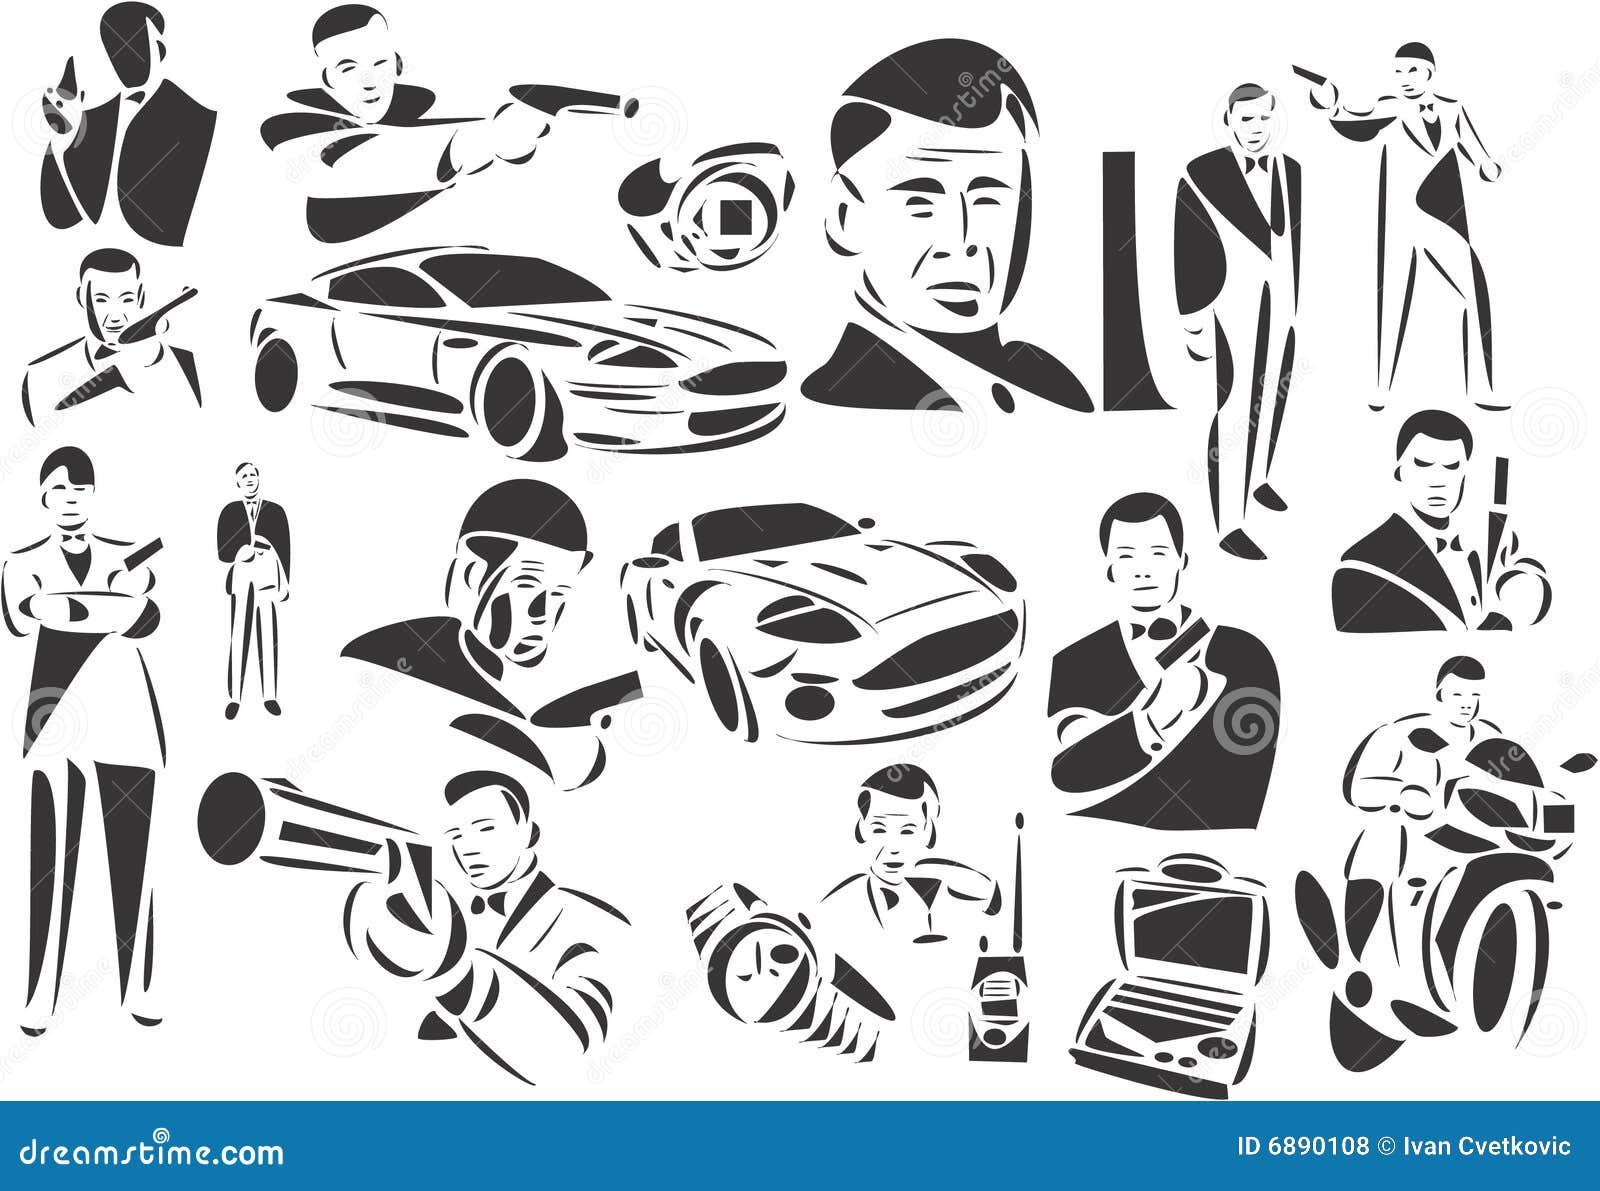 Image Result For Car Minimum